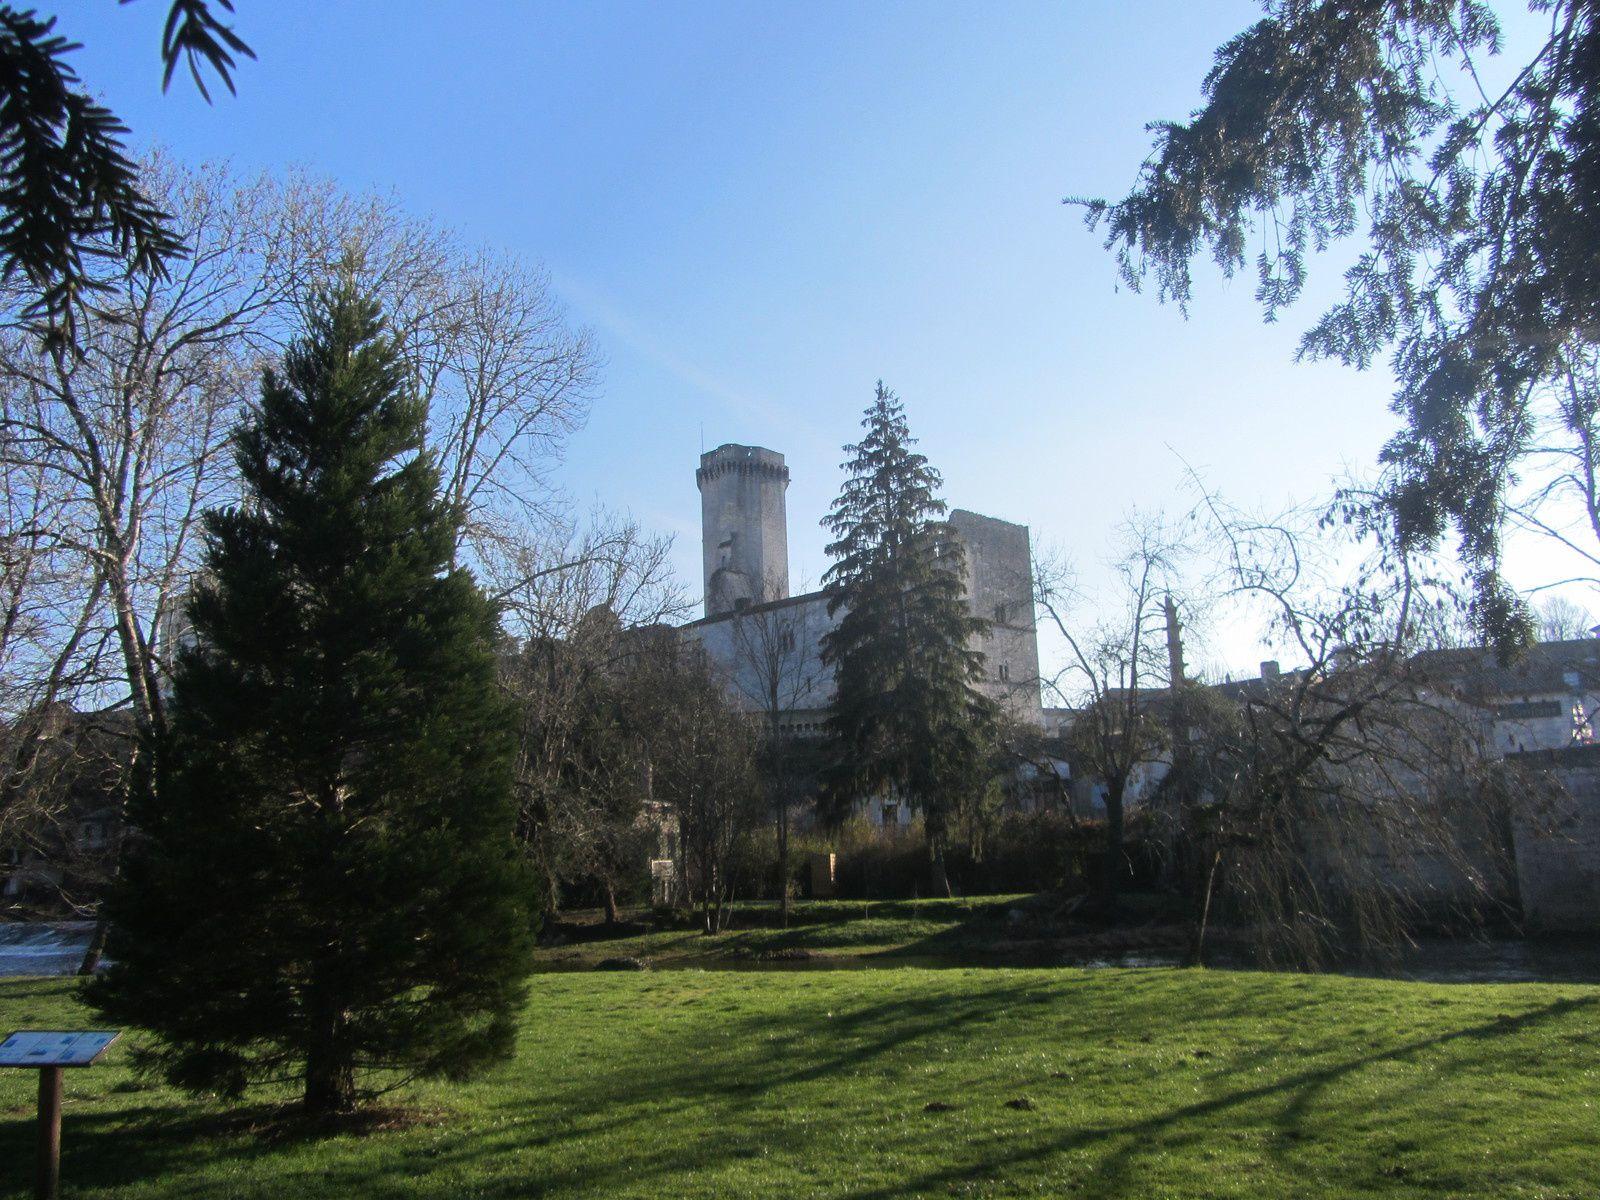 La principale attraction de Bourdeilles est son château avec une forteresse au donjon orgueilleux qui date du 13 éme siècle.